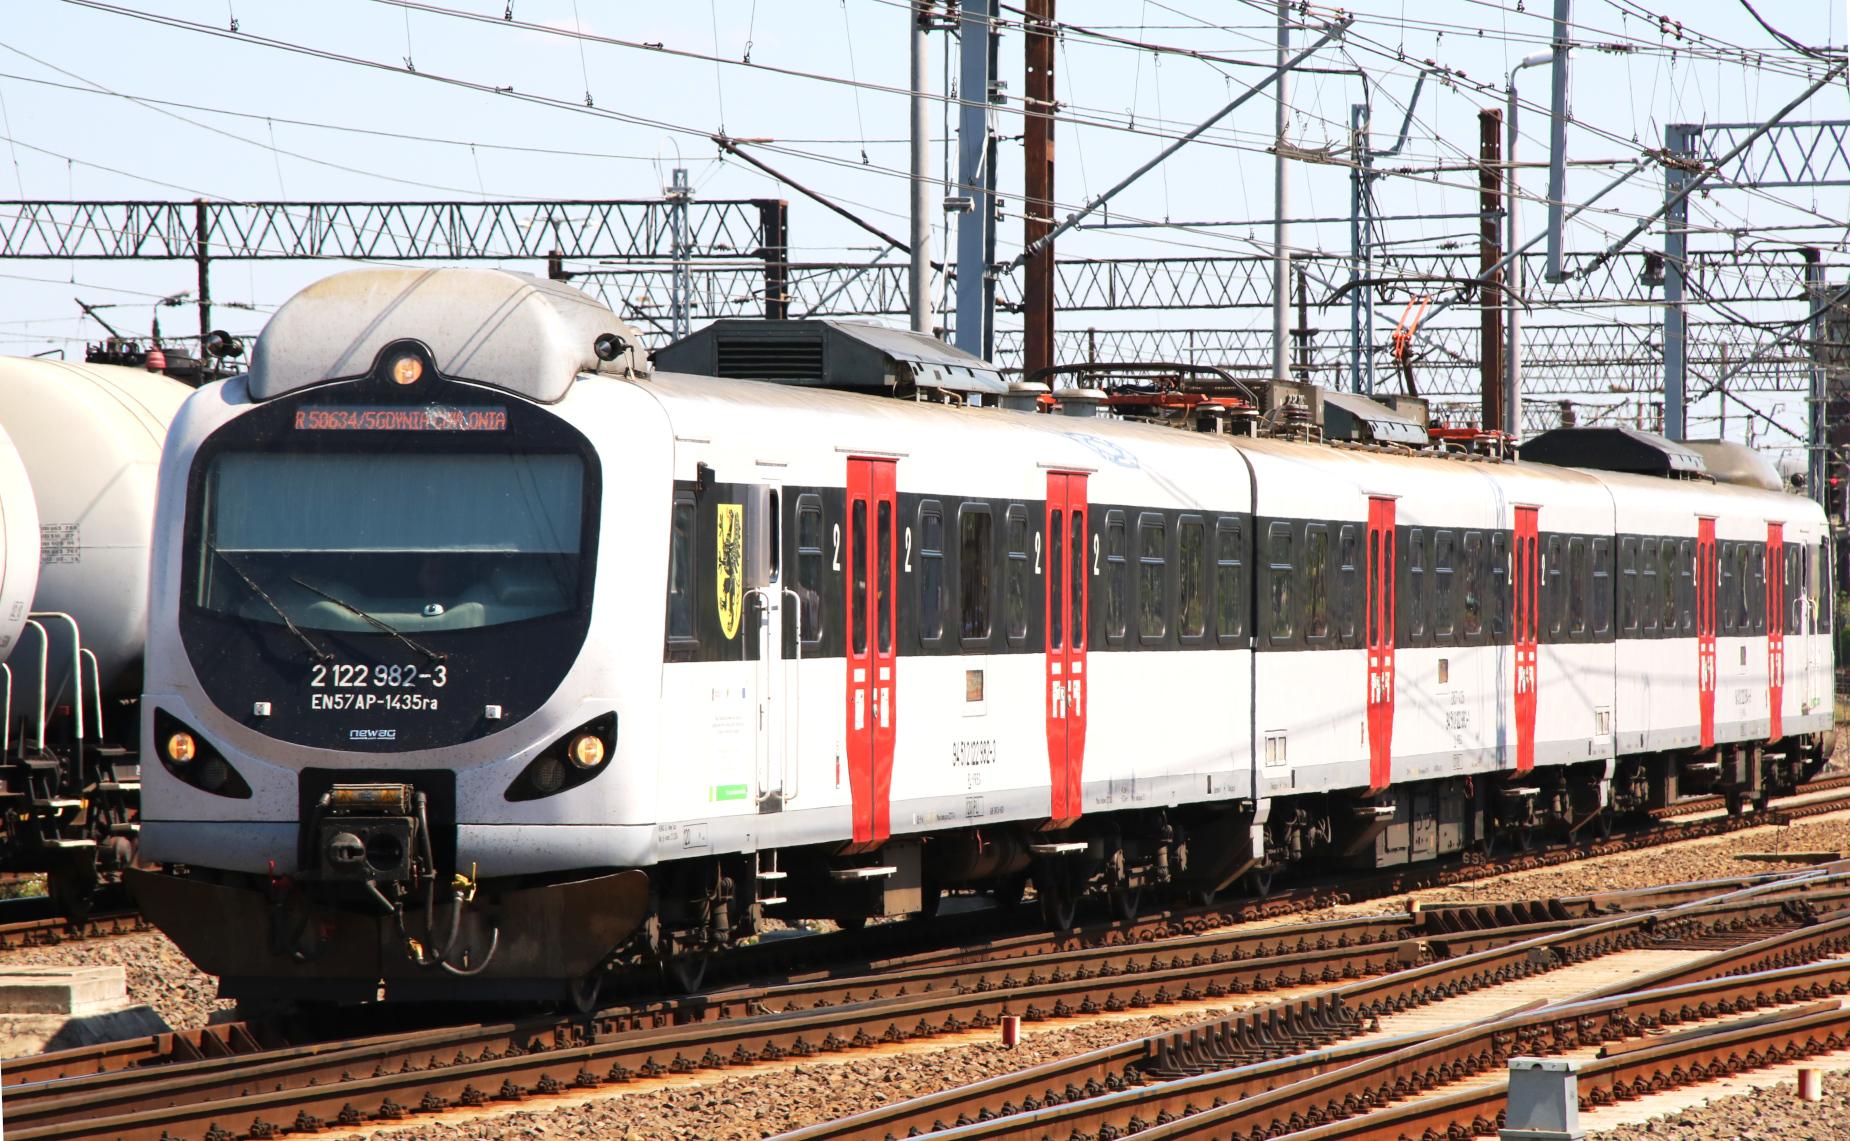 Pierwszego czerwca zabierz dzieci na wycieczkę pociągiem. W Dzień Dziecka młodzi pasażerowie jeżdżą za darmo